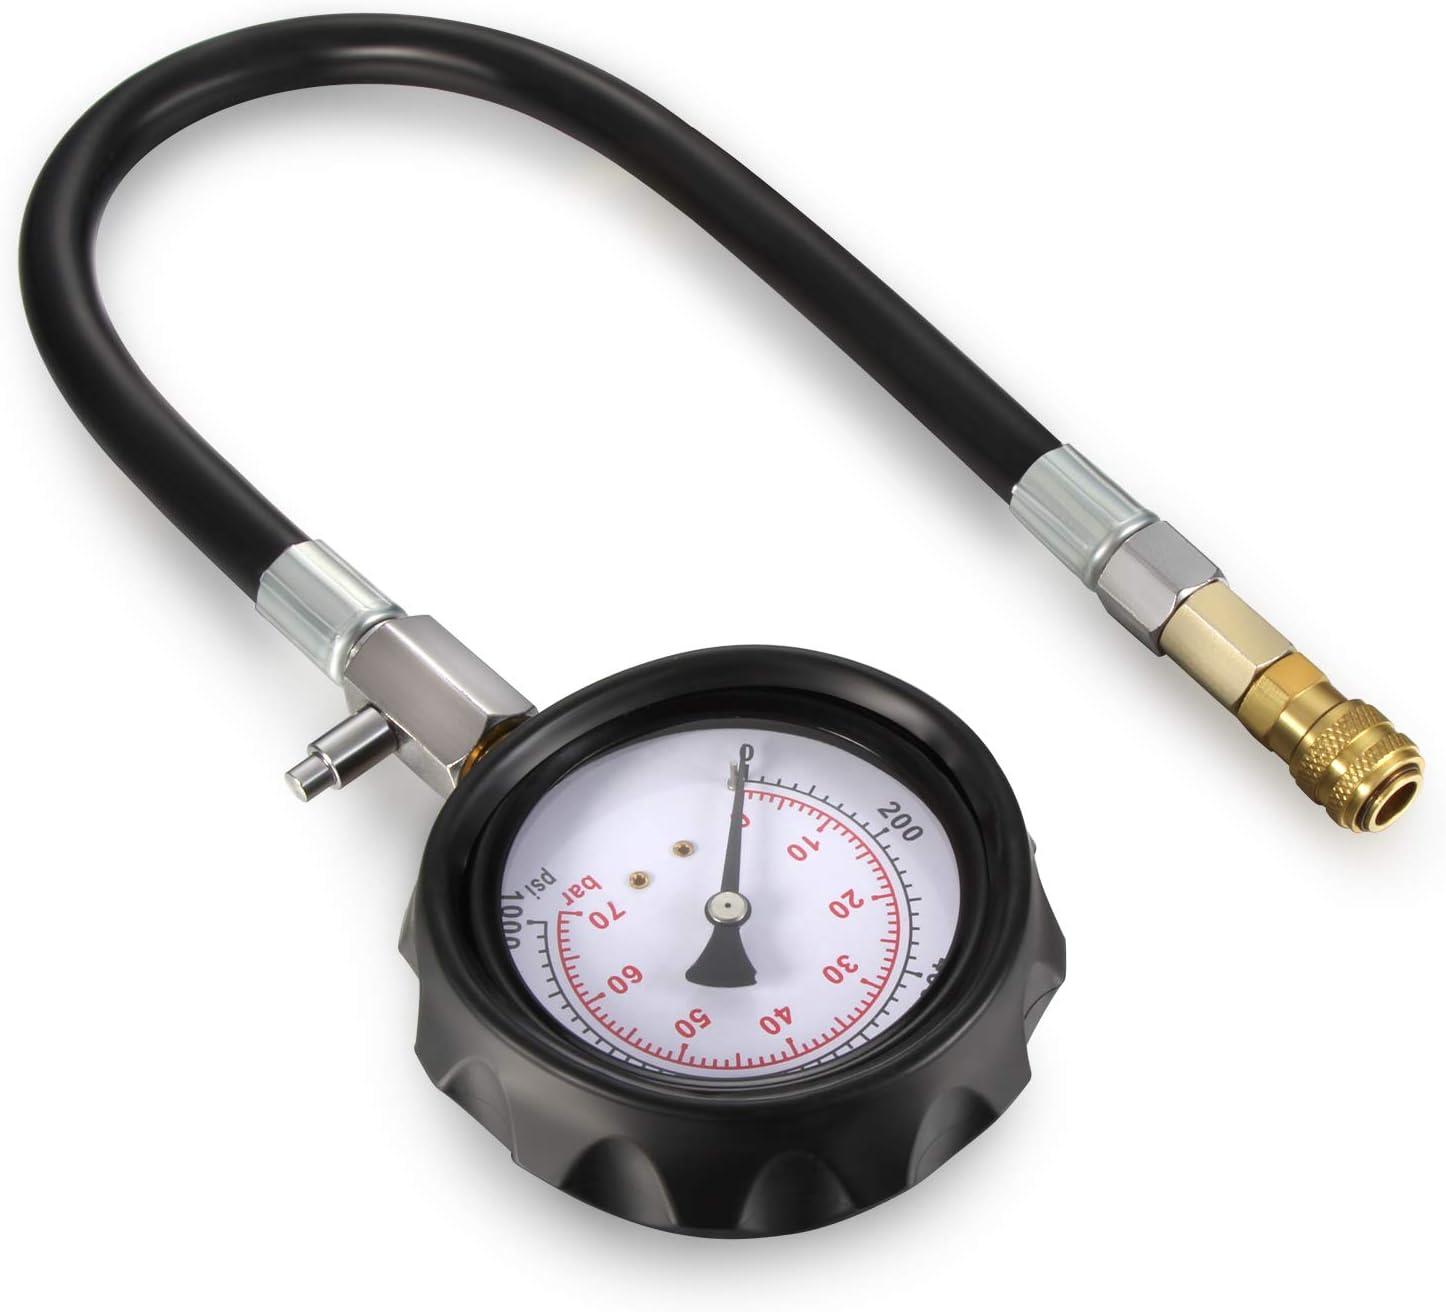 Dromedary Testeur de compression pour moteur diesel 0-70 bar